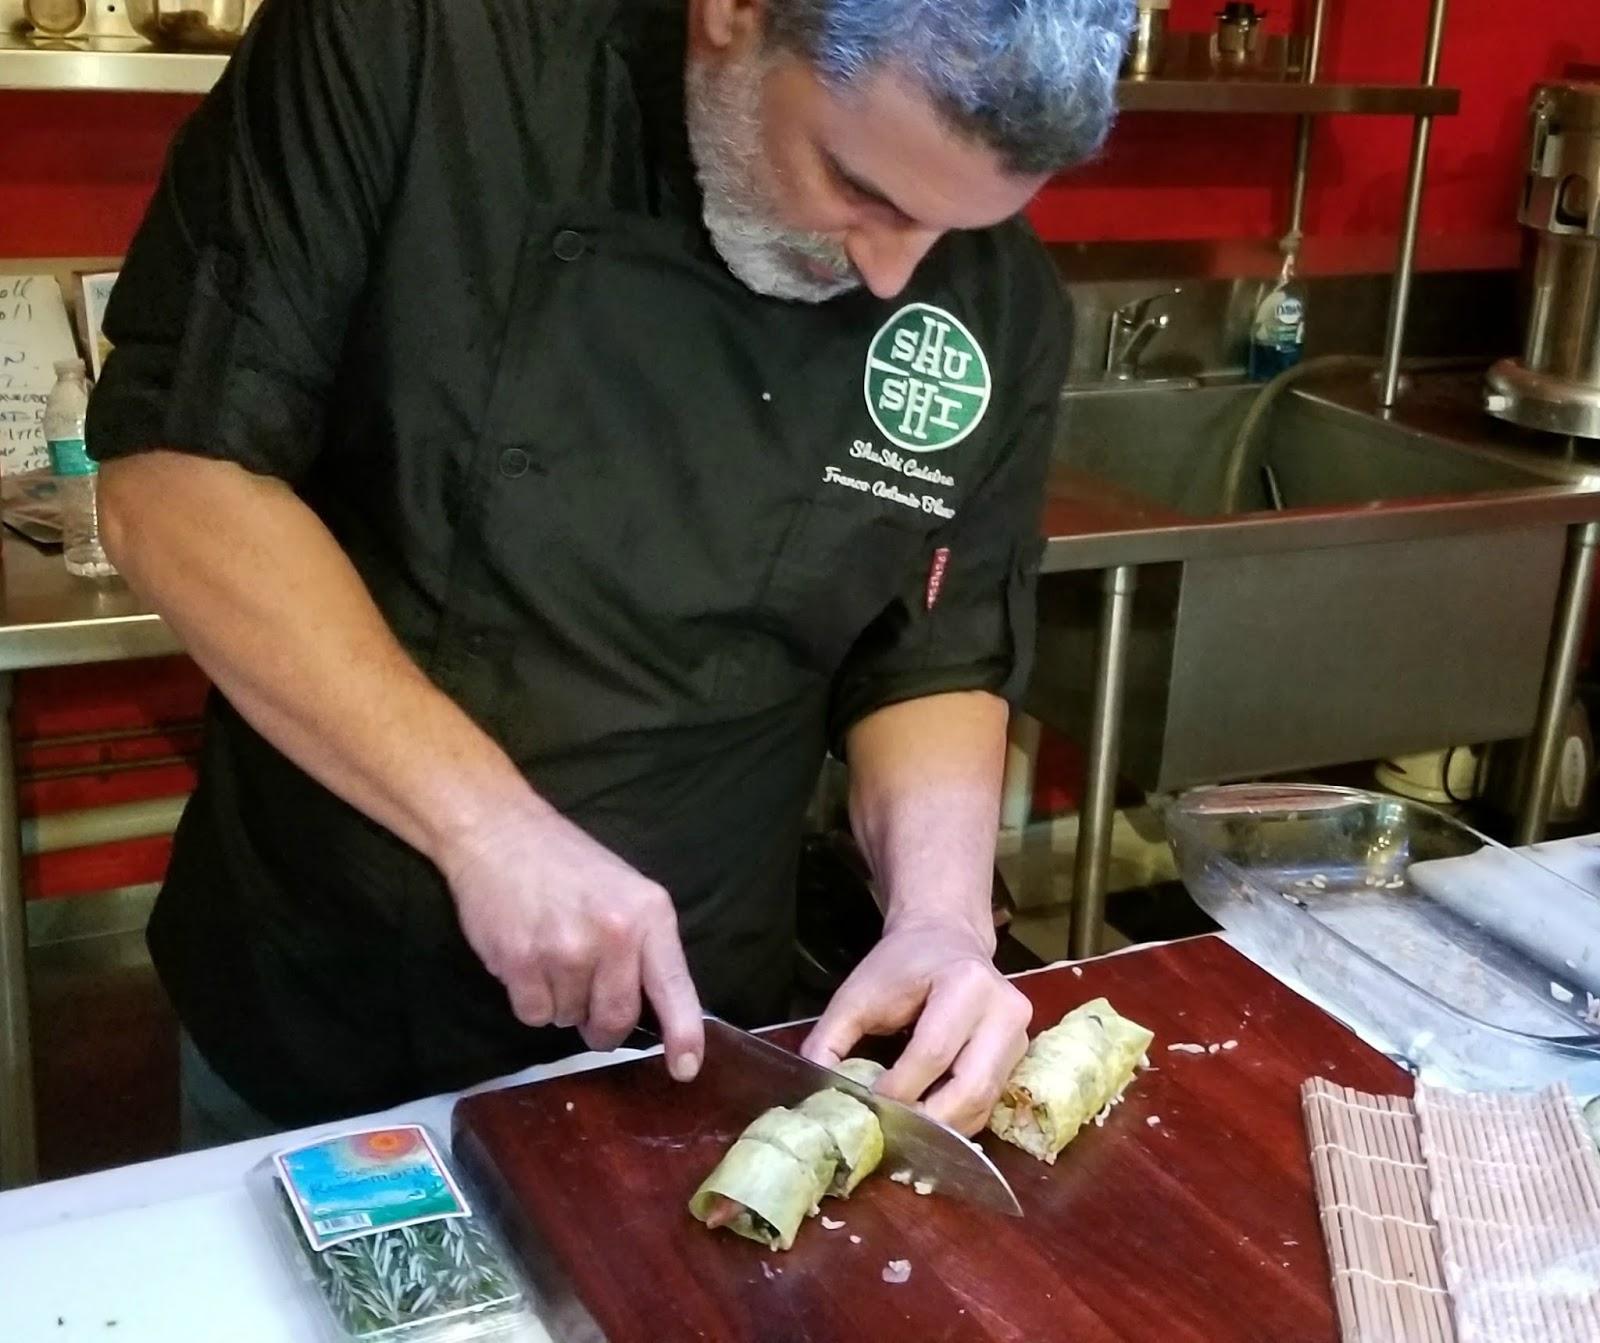 Miami Chef Franco Blanco